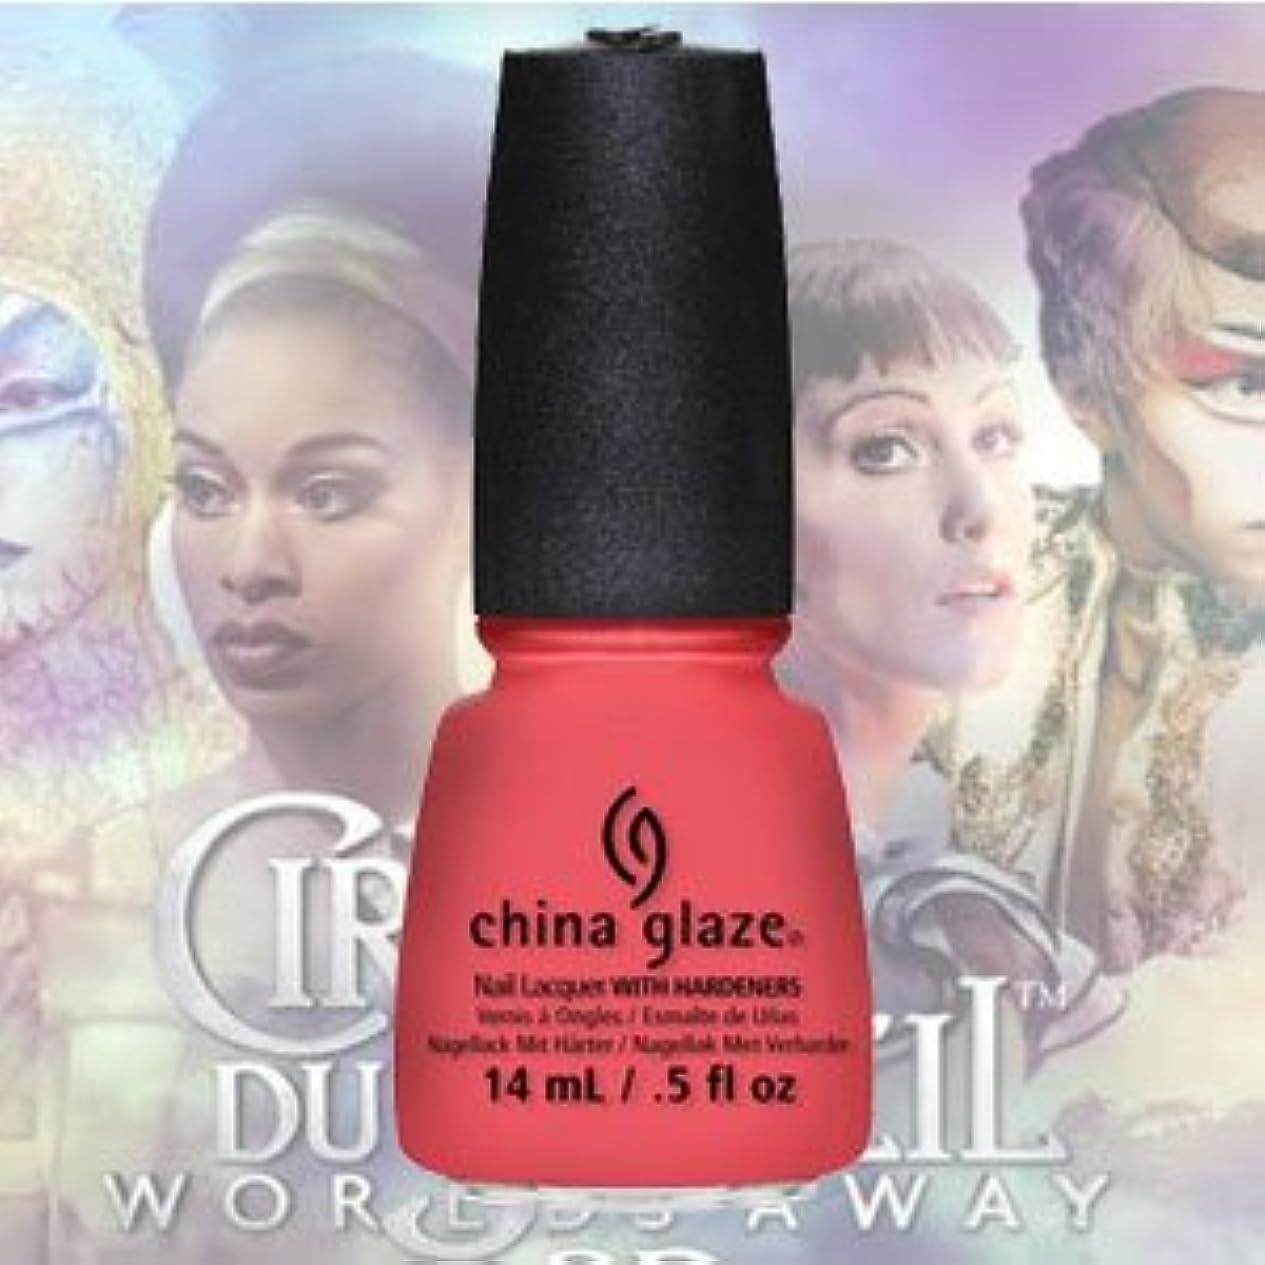 複製クラックポット使い込む(チャイナグレイズ)China Glaze Surreal AppealーCirque Du Soleil コレクション [海外直送品][並行輸入品]